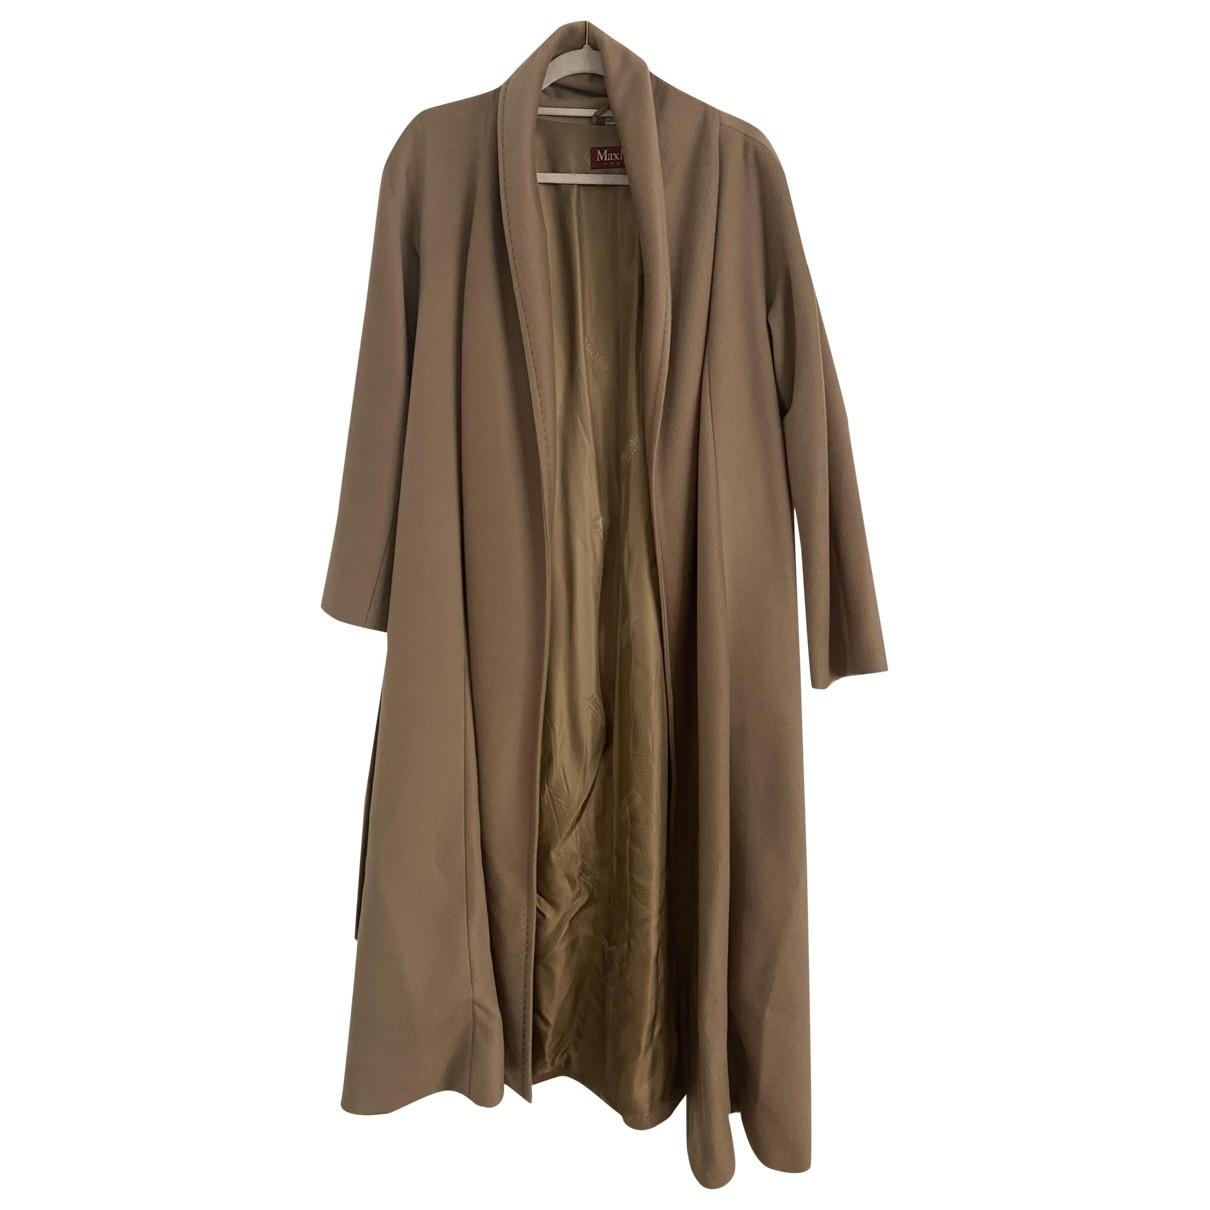 Max Mara Studio - Manteau   pour femme en laine - beige